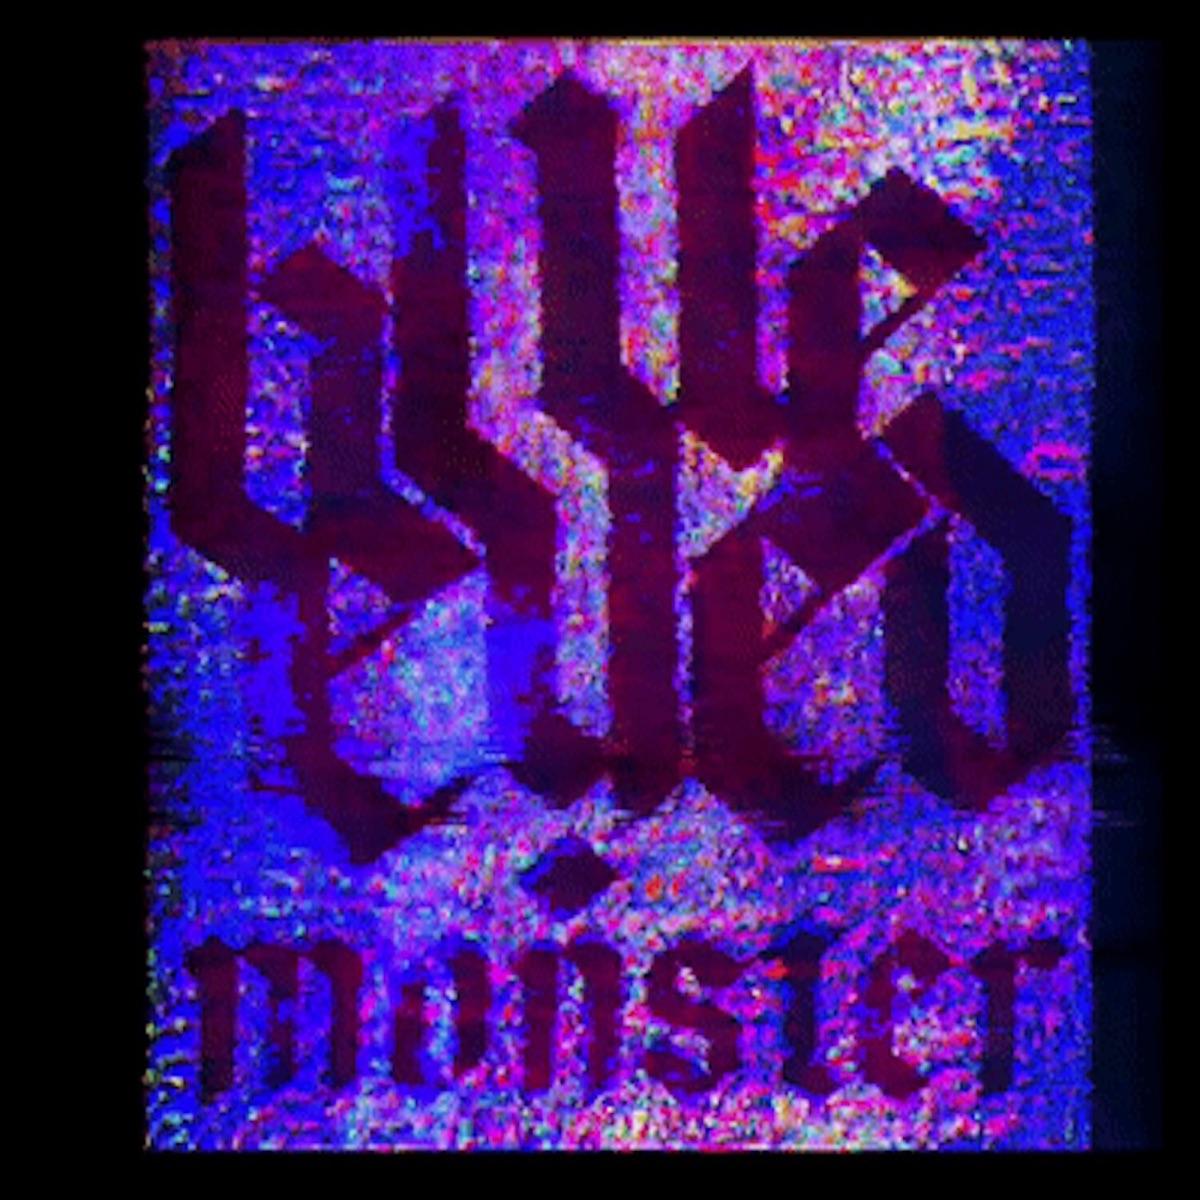 BLUE EYED MONSTER